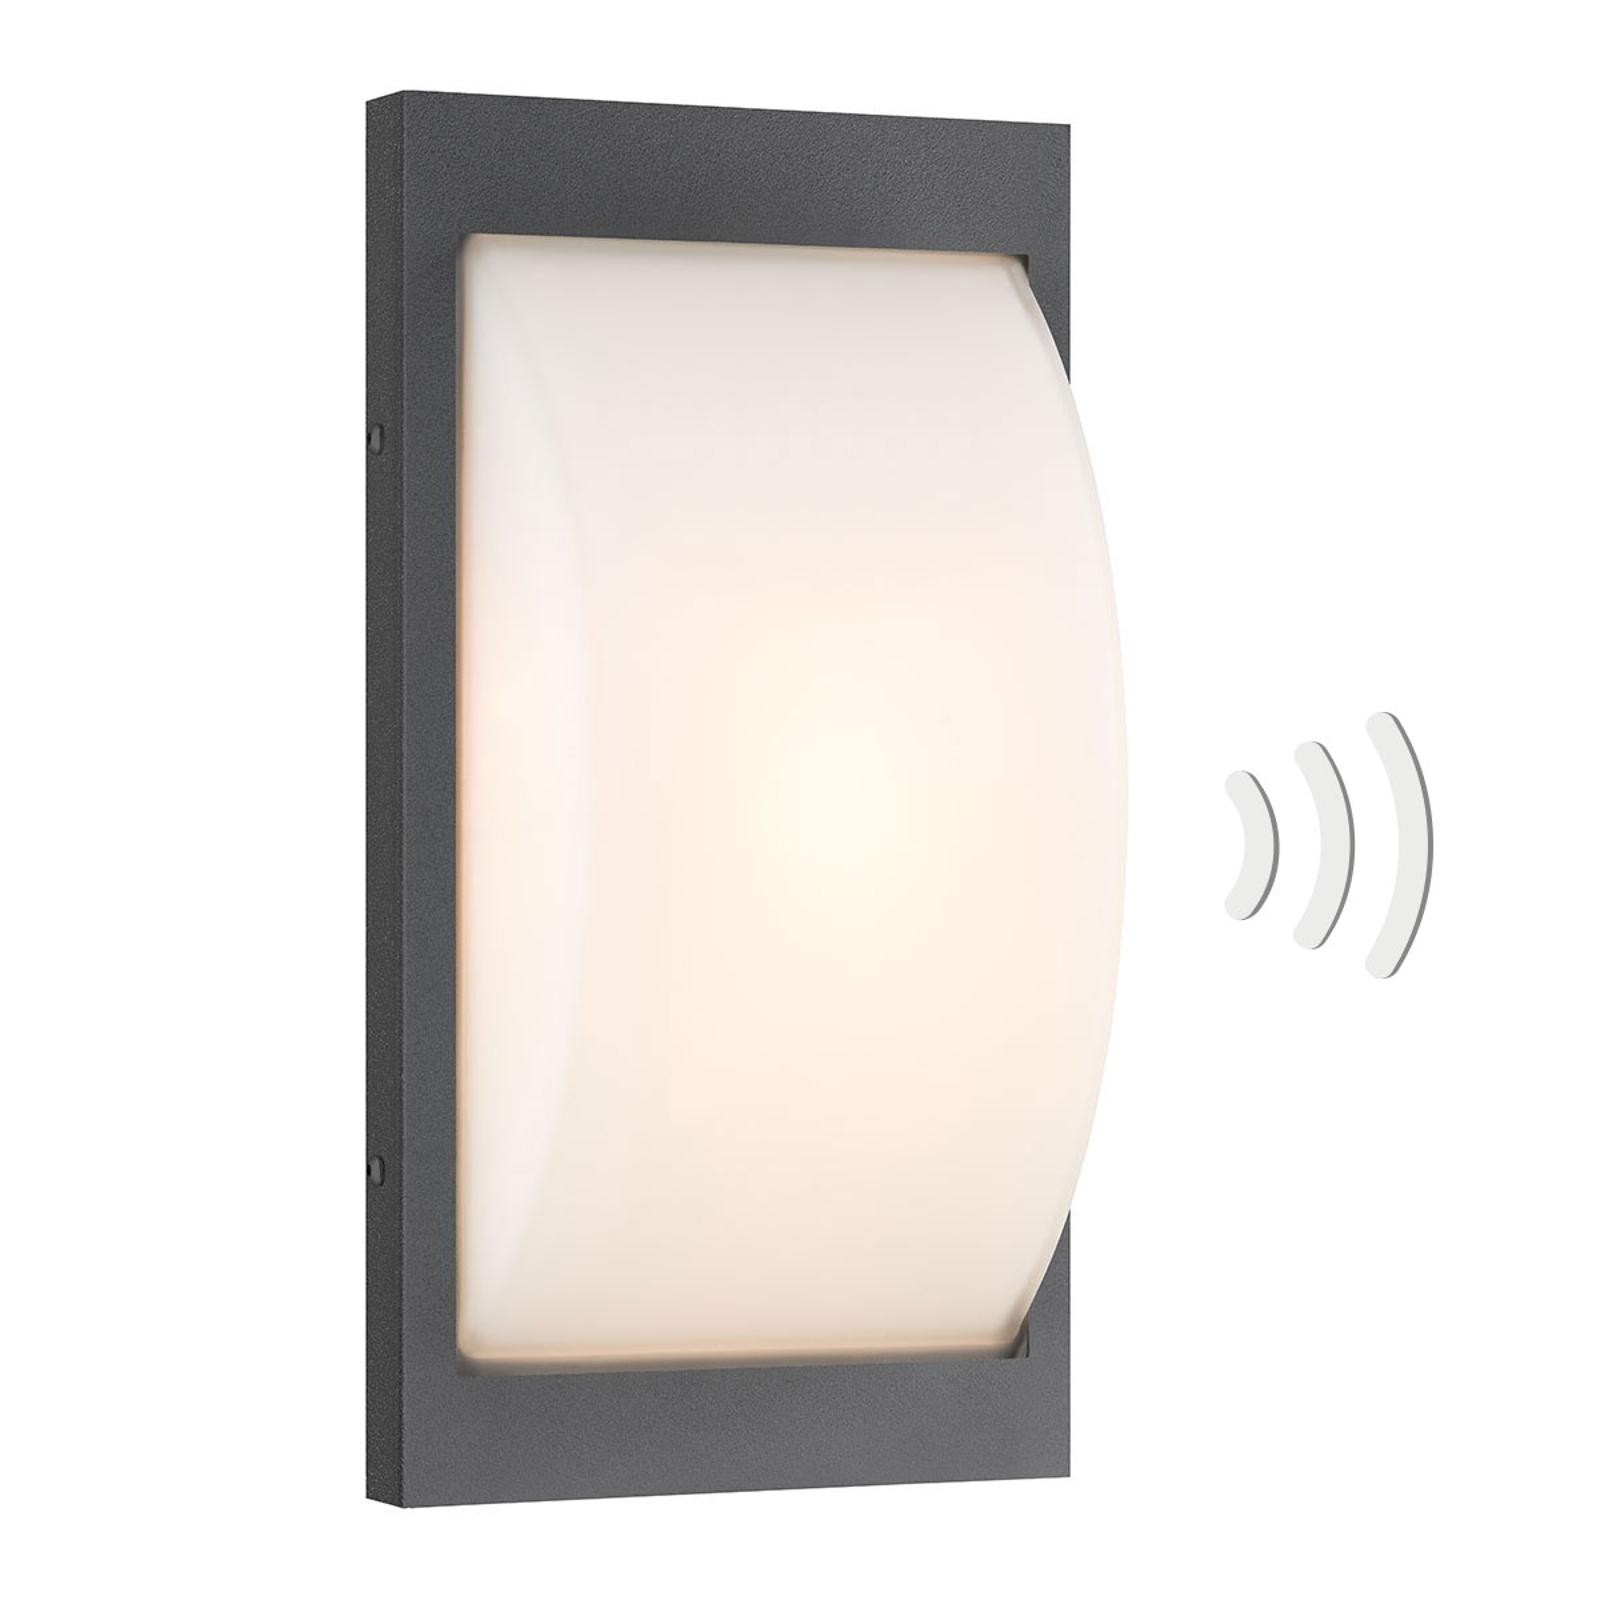 LED-utomhusvägglampa 069LEDSEN grafit